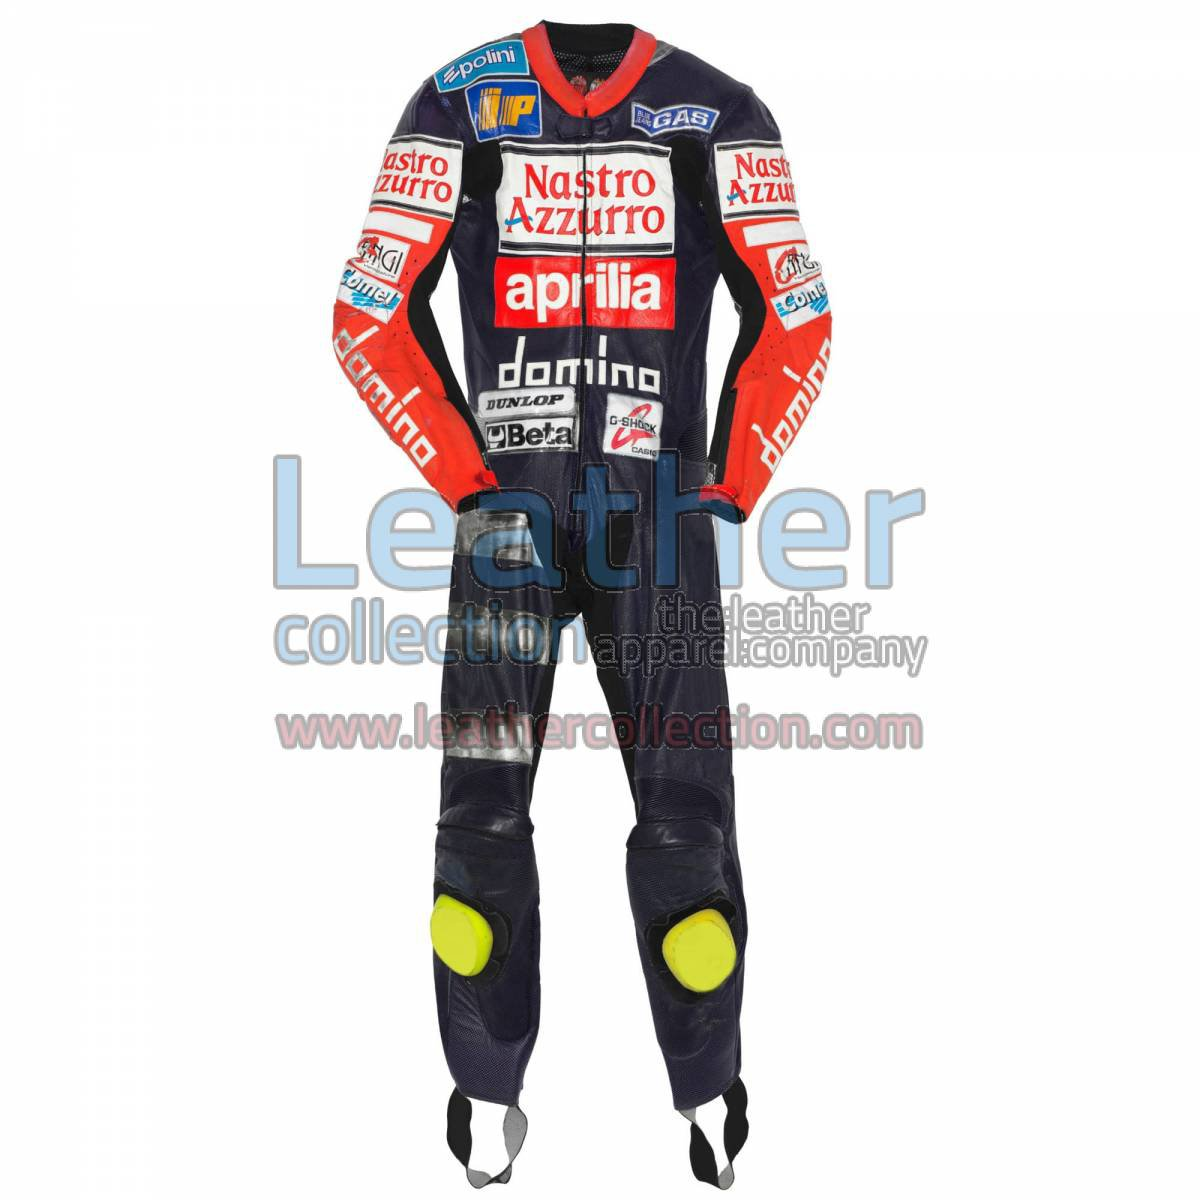 Valentino Rossi Aprilia GP 1997 Suit